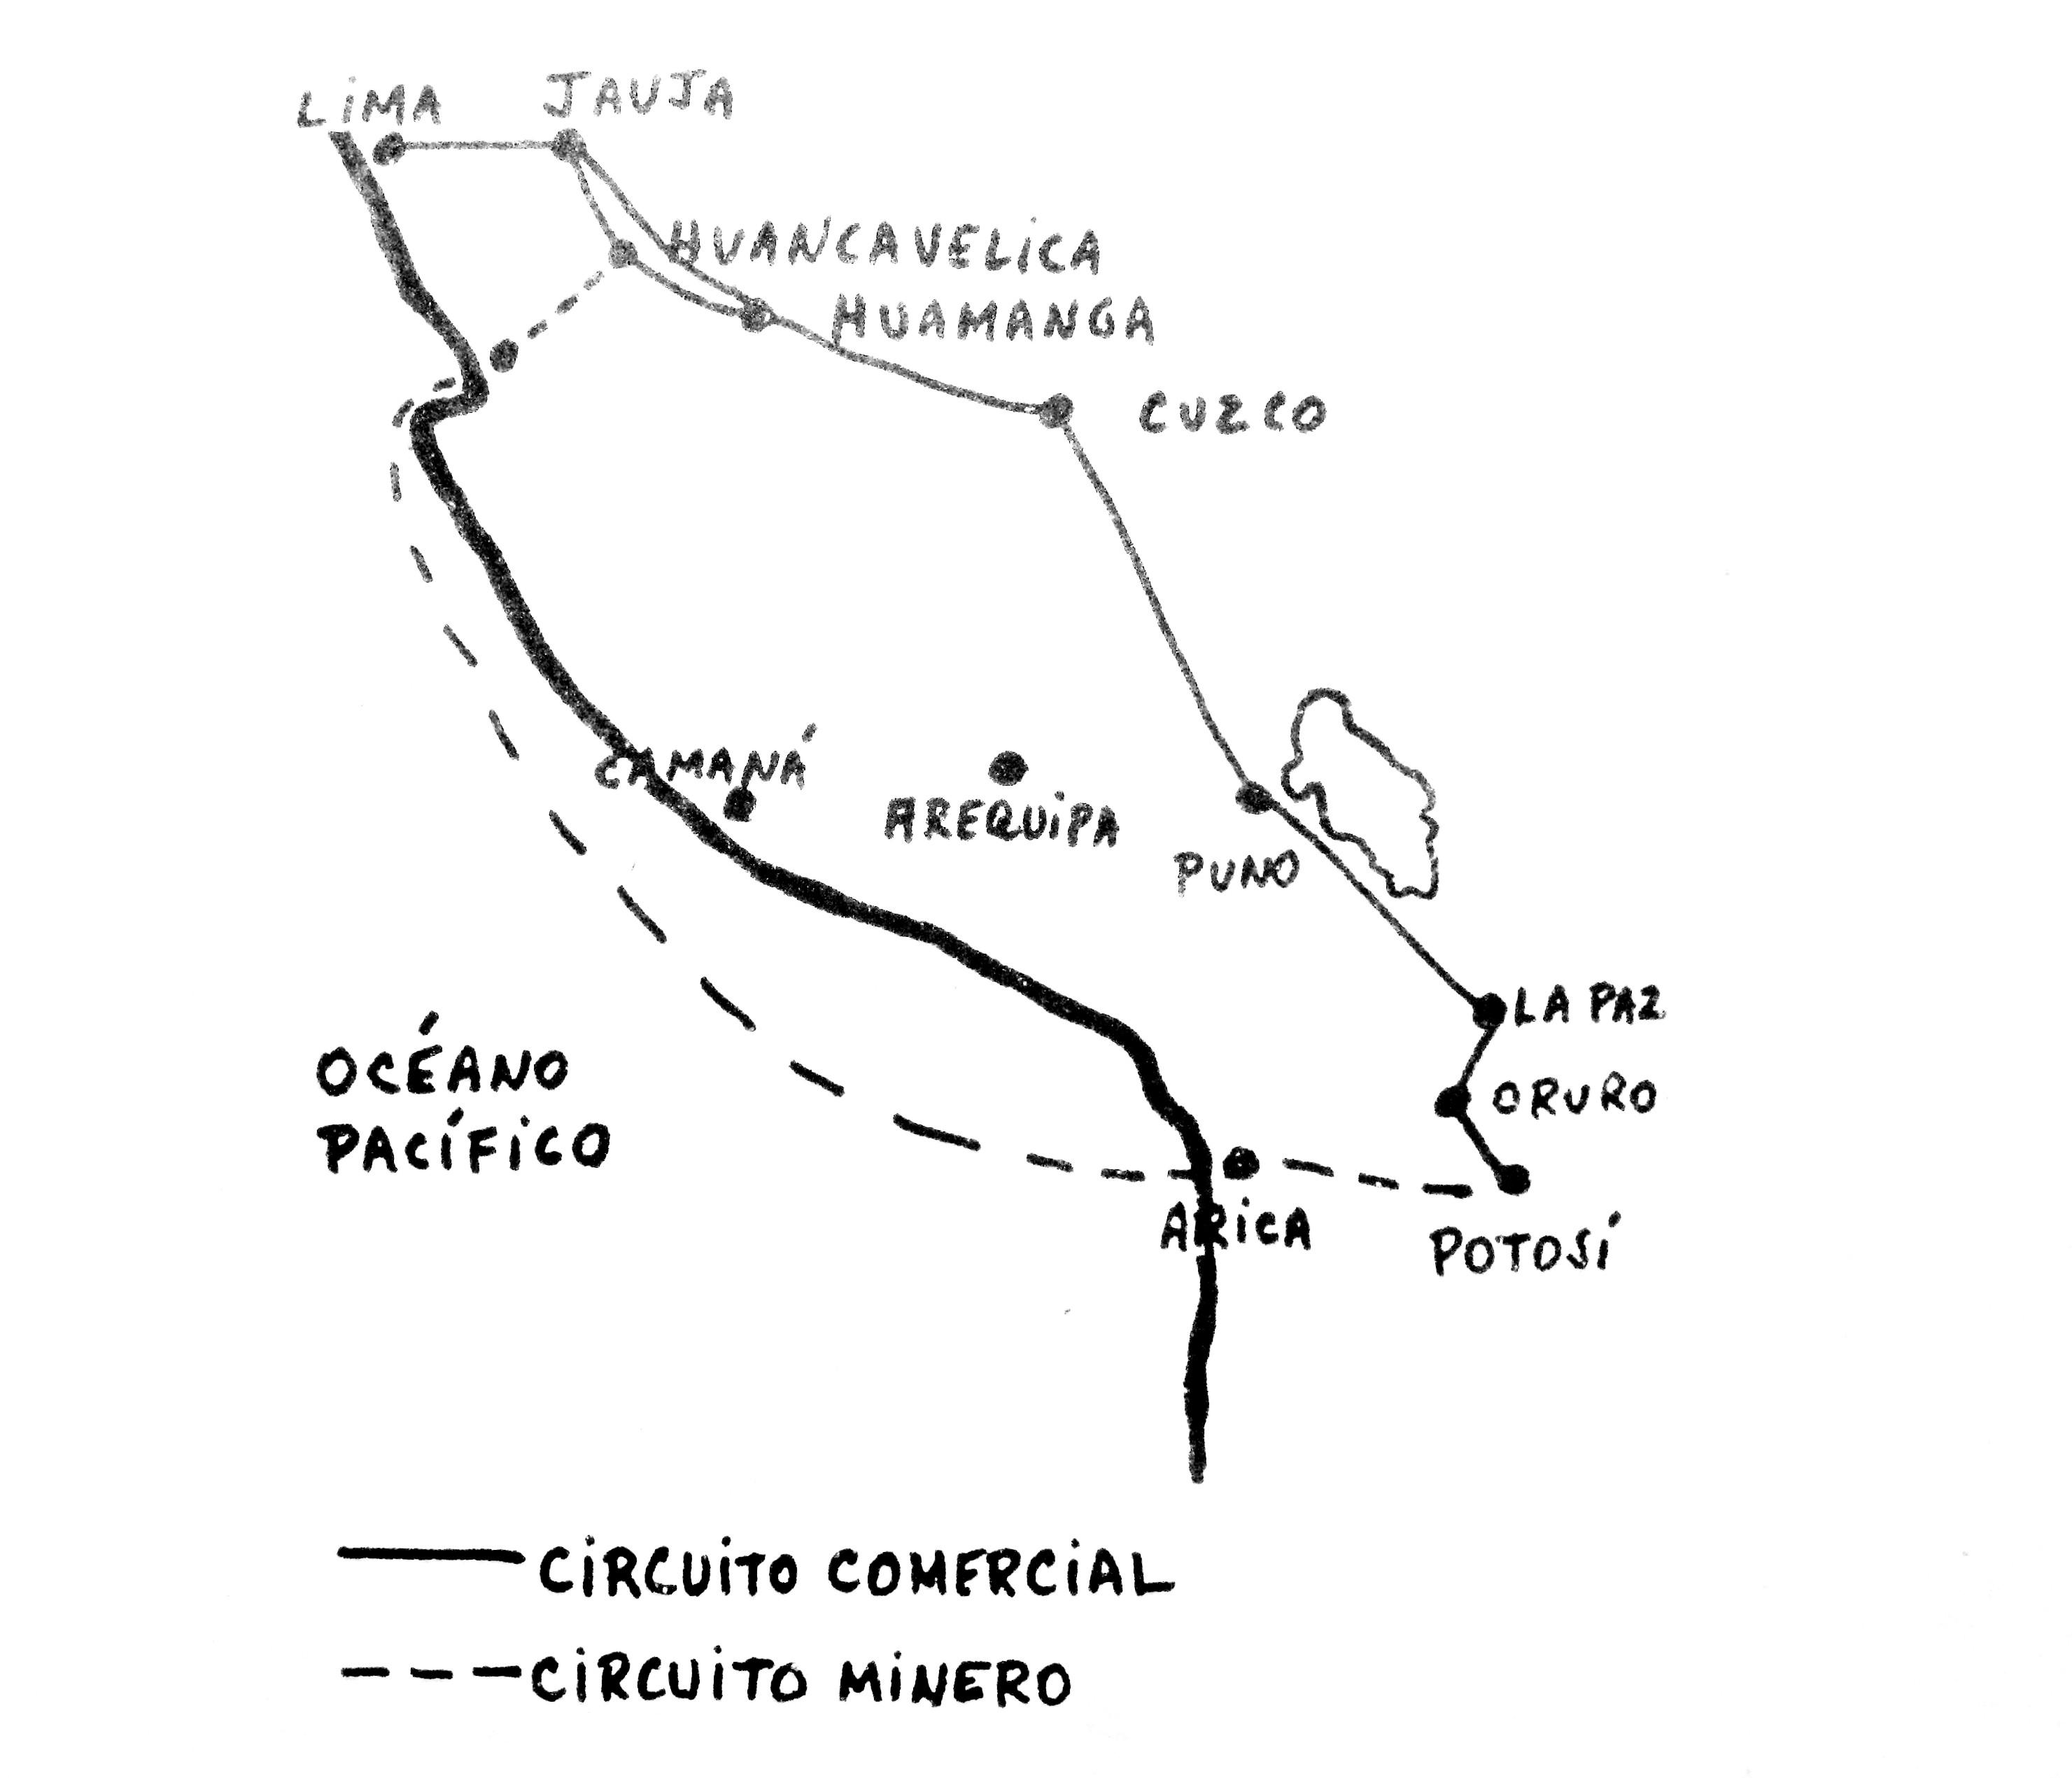 Circuito And : File:circuito de la colonia.jpg wikimedia commons